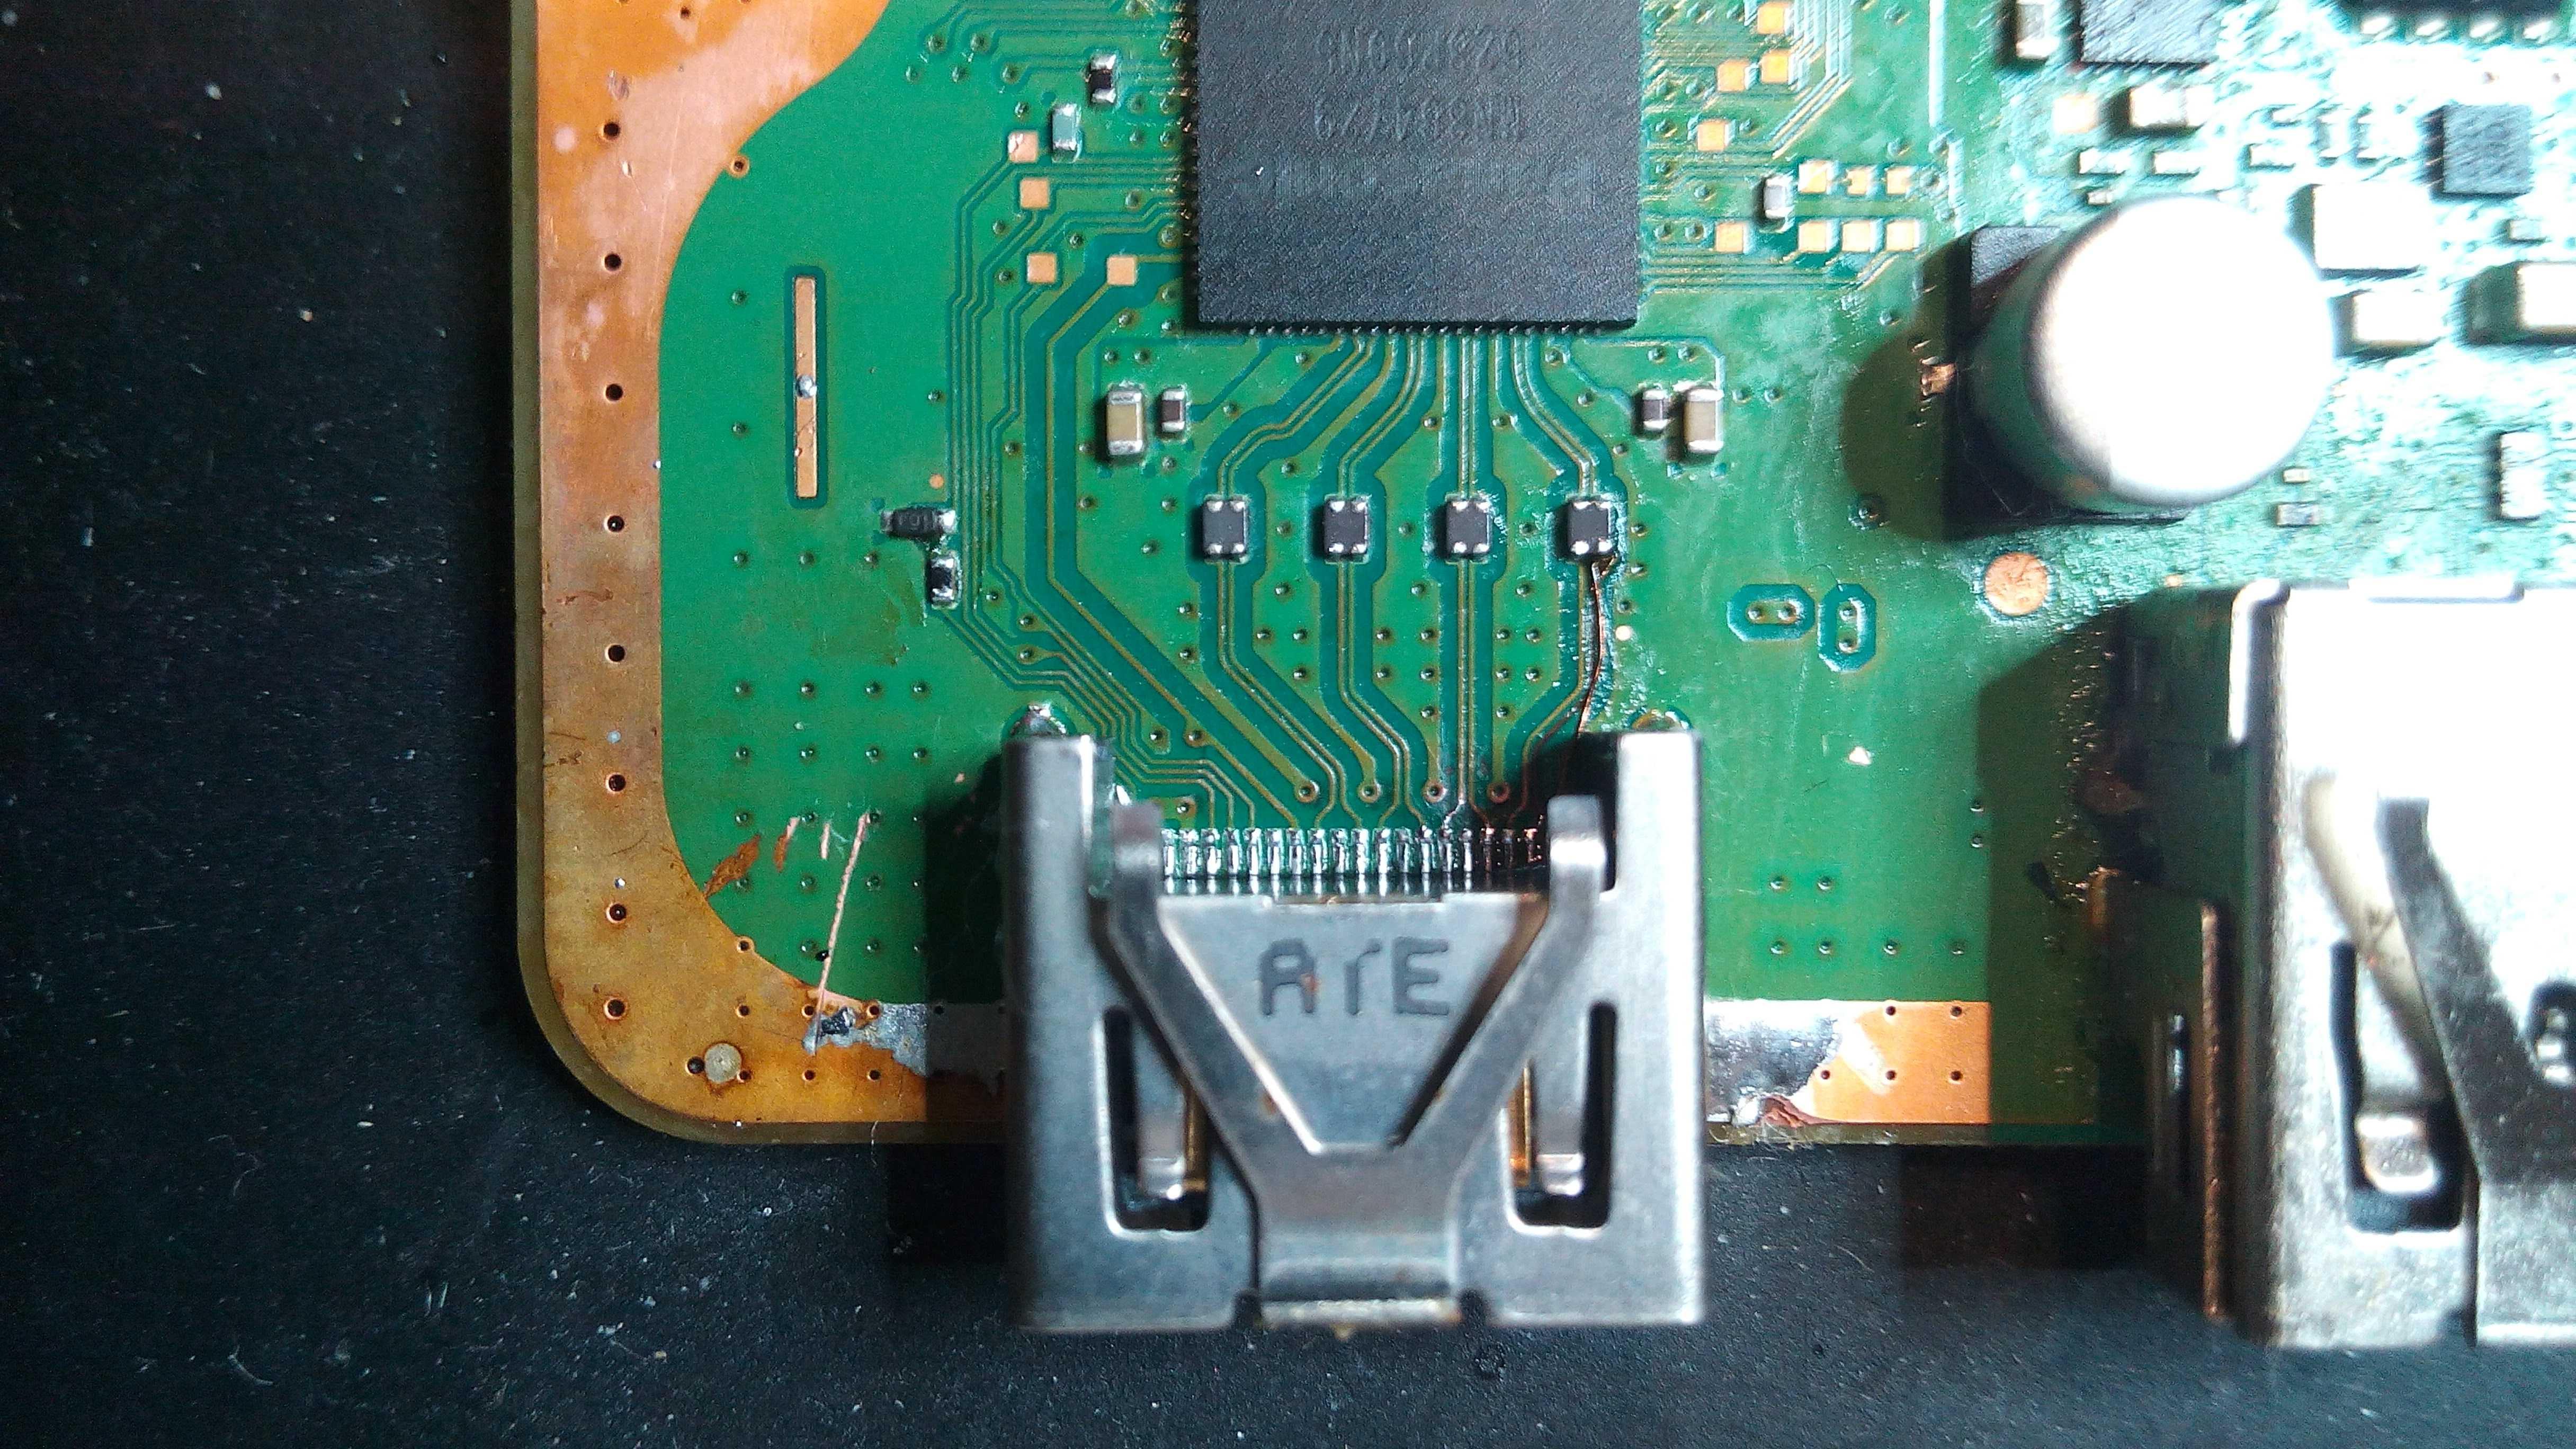 PS4 Slim & Pro. Konsole Startet und Leuchtet Weiß bringt aber kein Bild auf den Fernseher. HDMI Port Anschluss Reparatur 55,00€ Weitere Details unten.